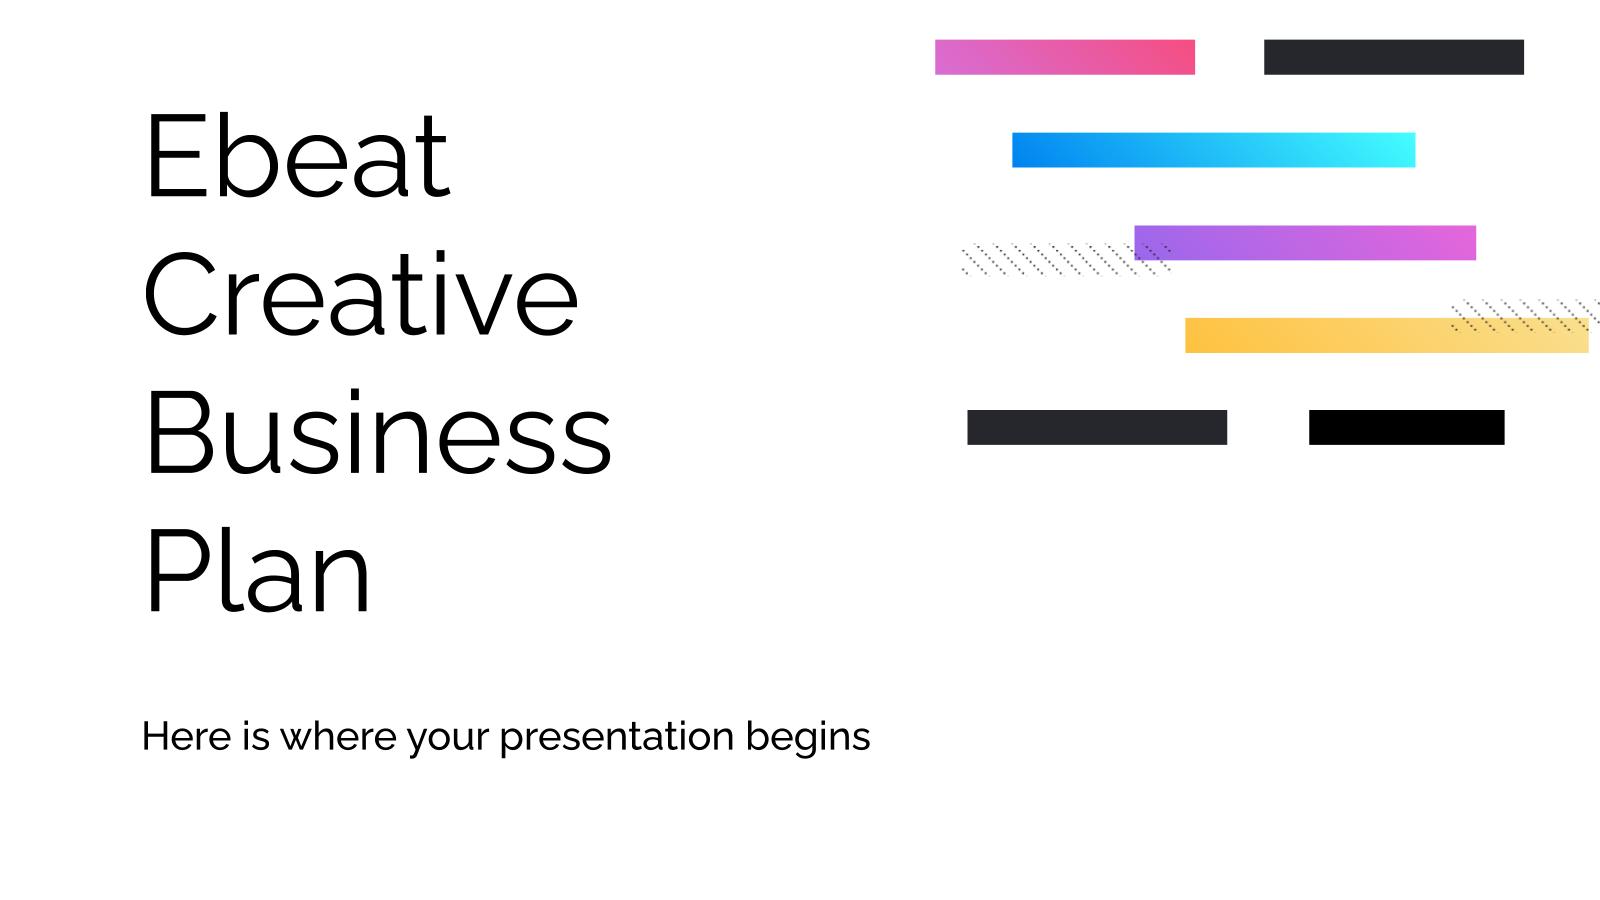 Modelo de apresentação Plano de negócios criativo Ebeat